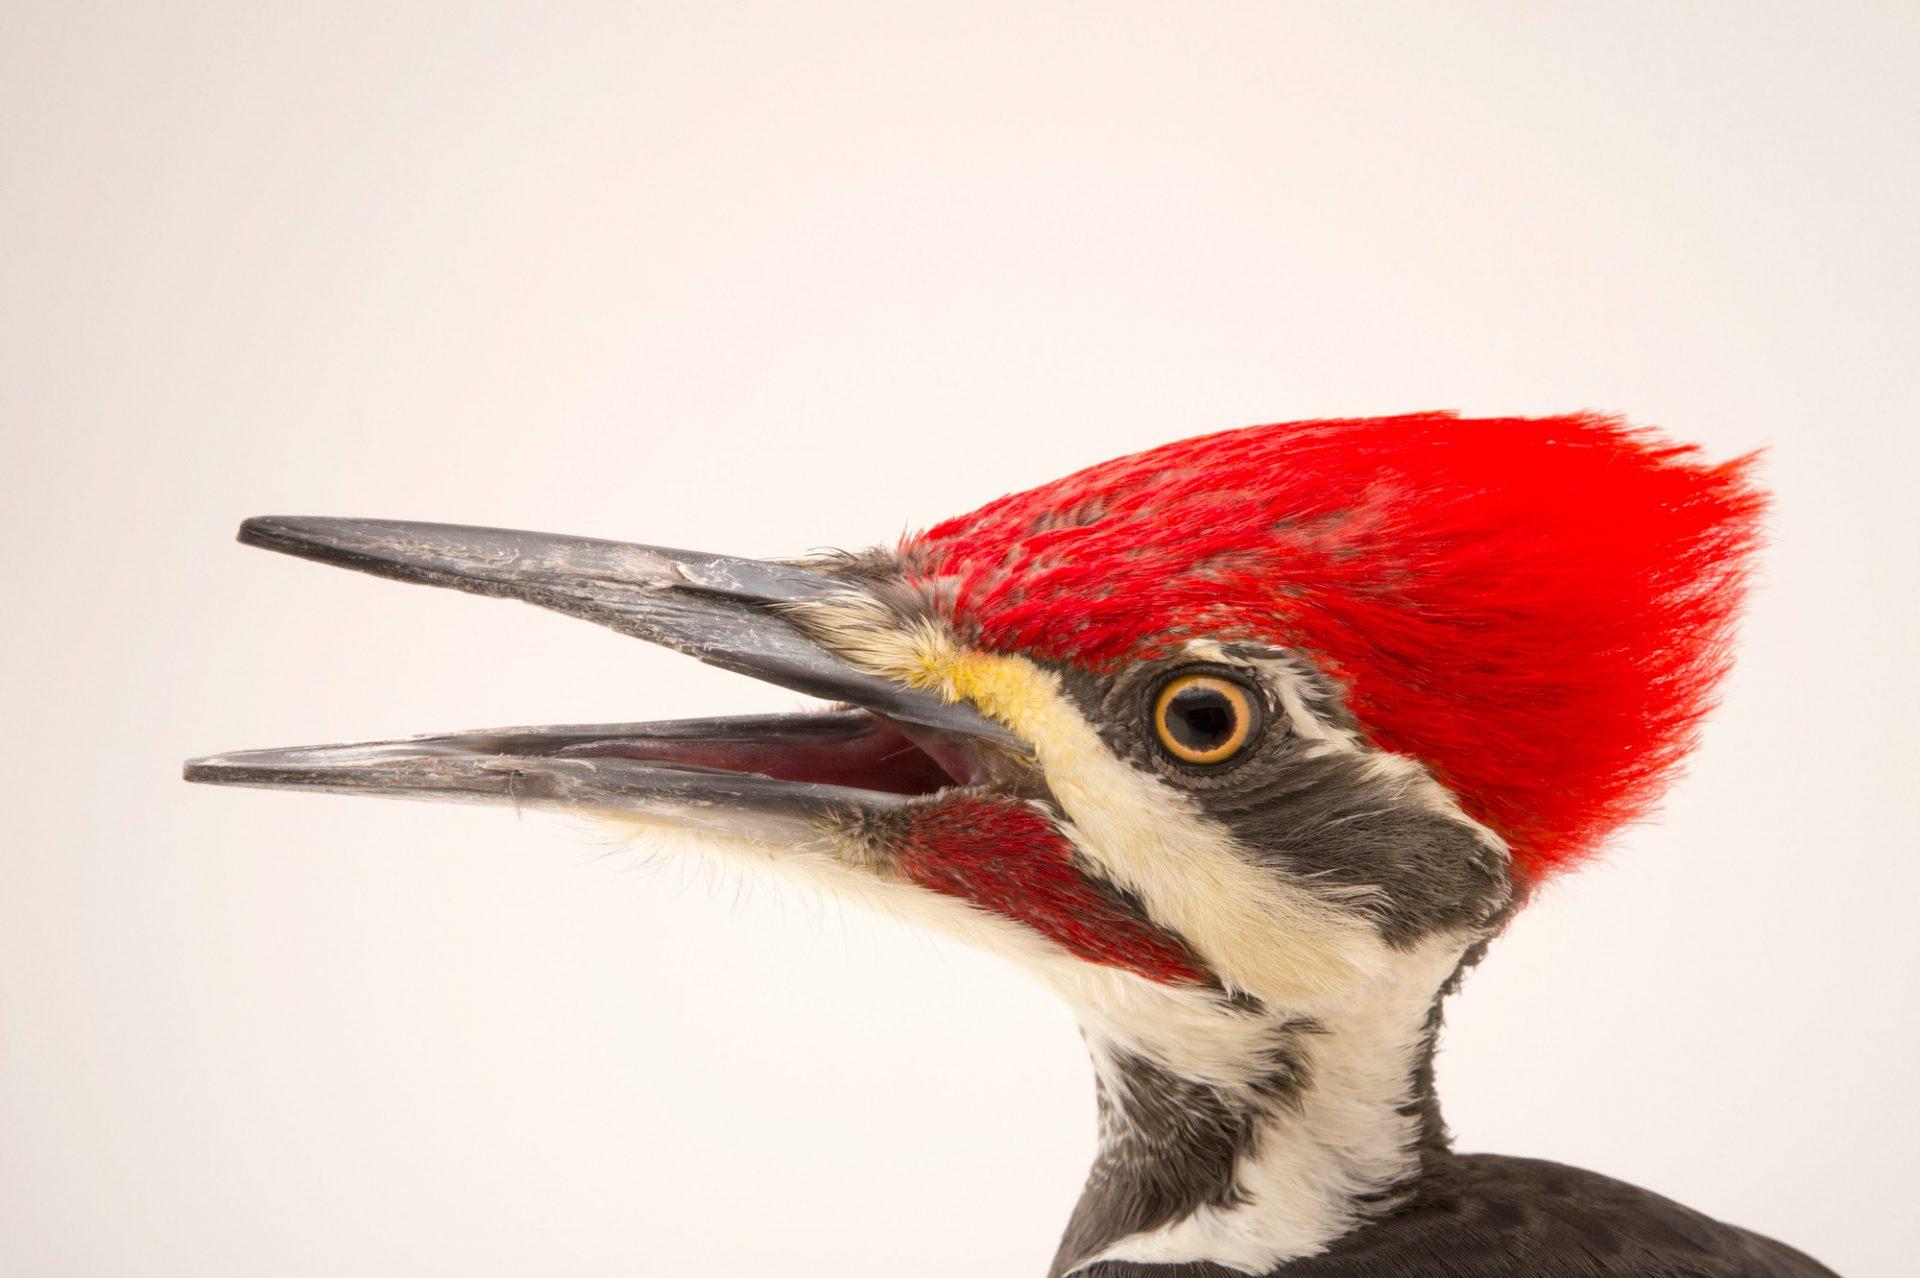 Picture of a Pileated woodpecker (Dryocopus pileatus abietcola) at the Virginia Aquarium.